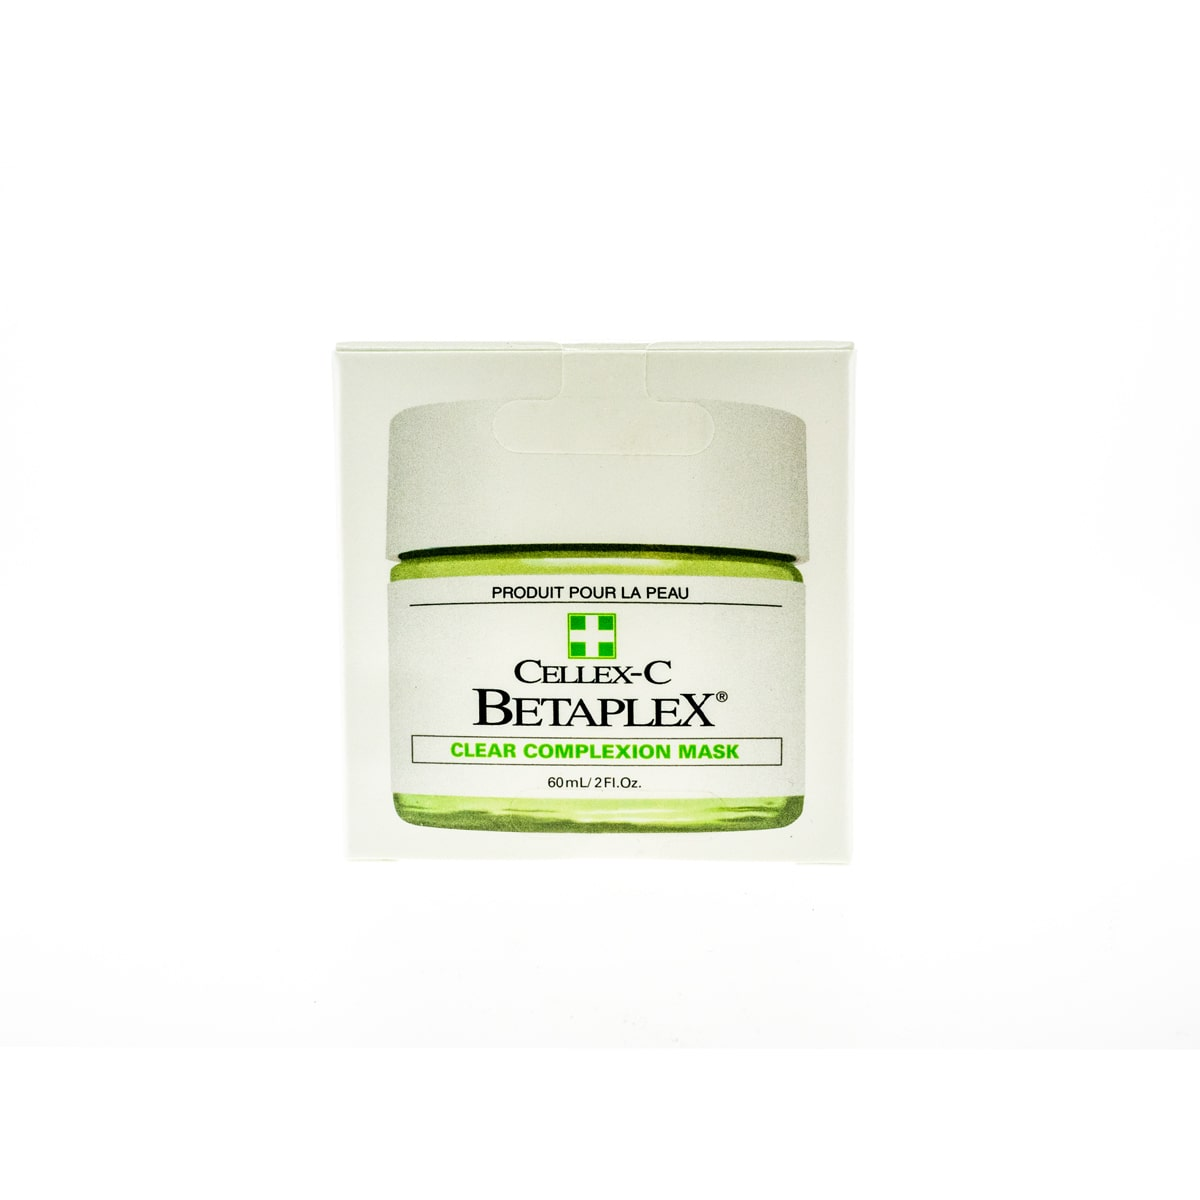 Cellex-C  Betaplex 2-ounce Clear Complexion Mask